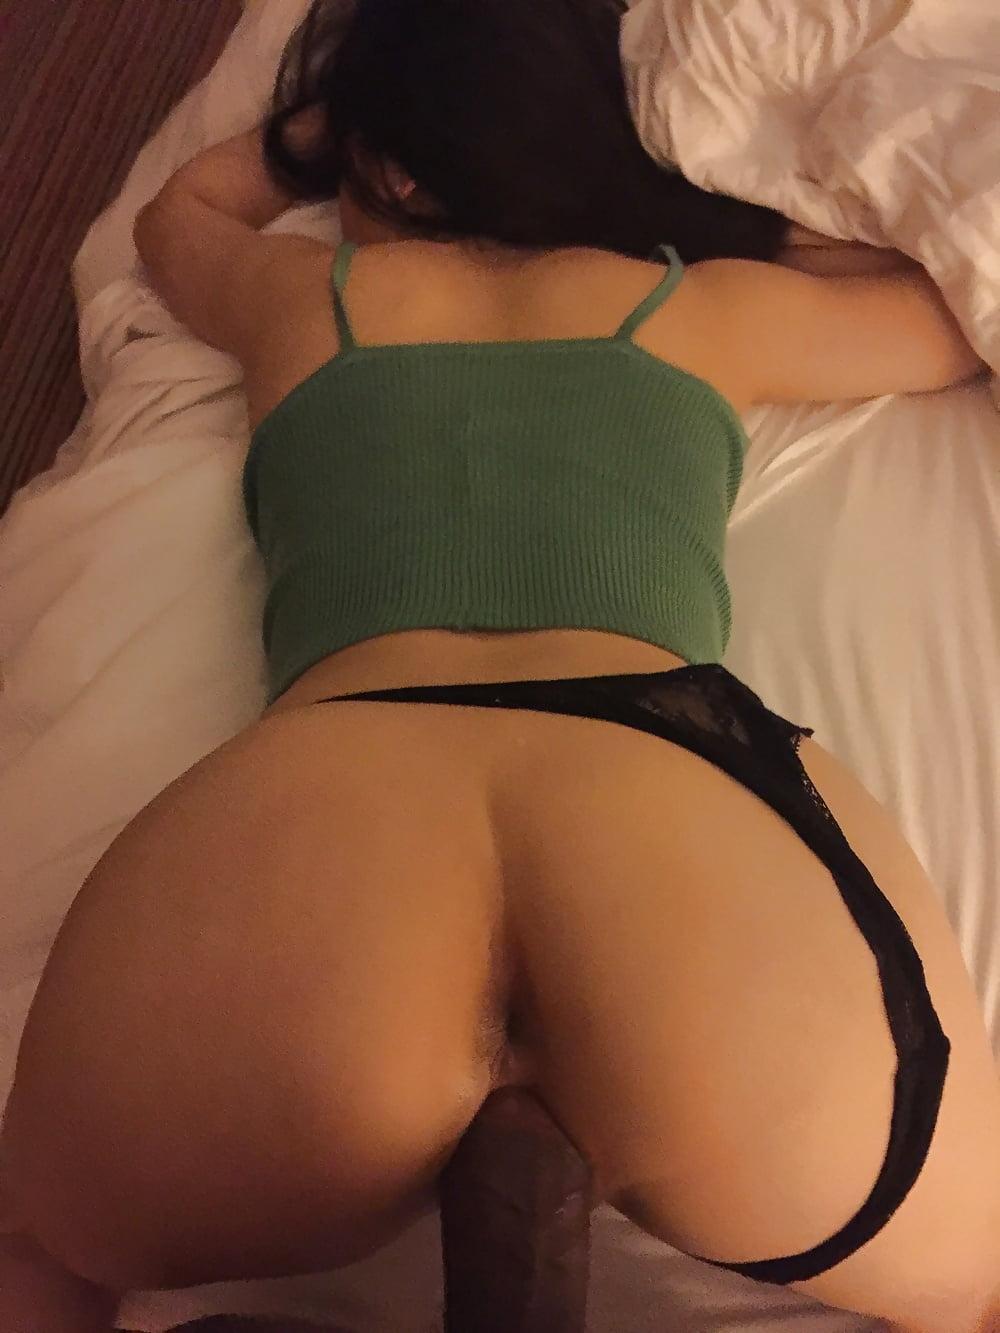 Best Porn